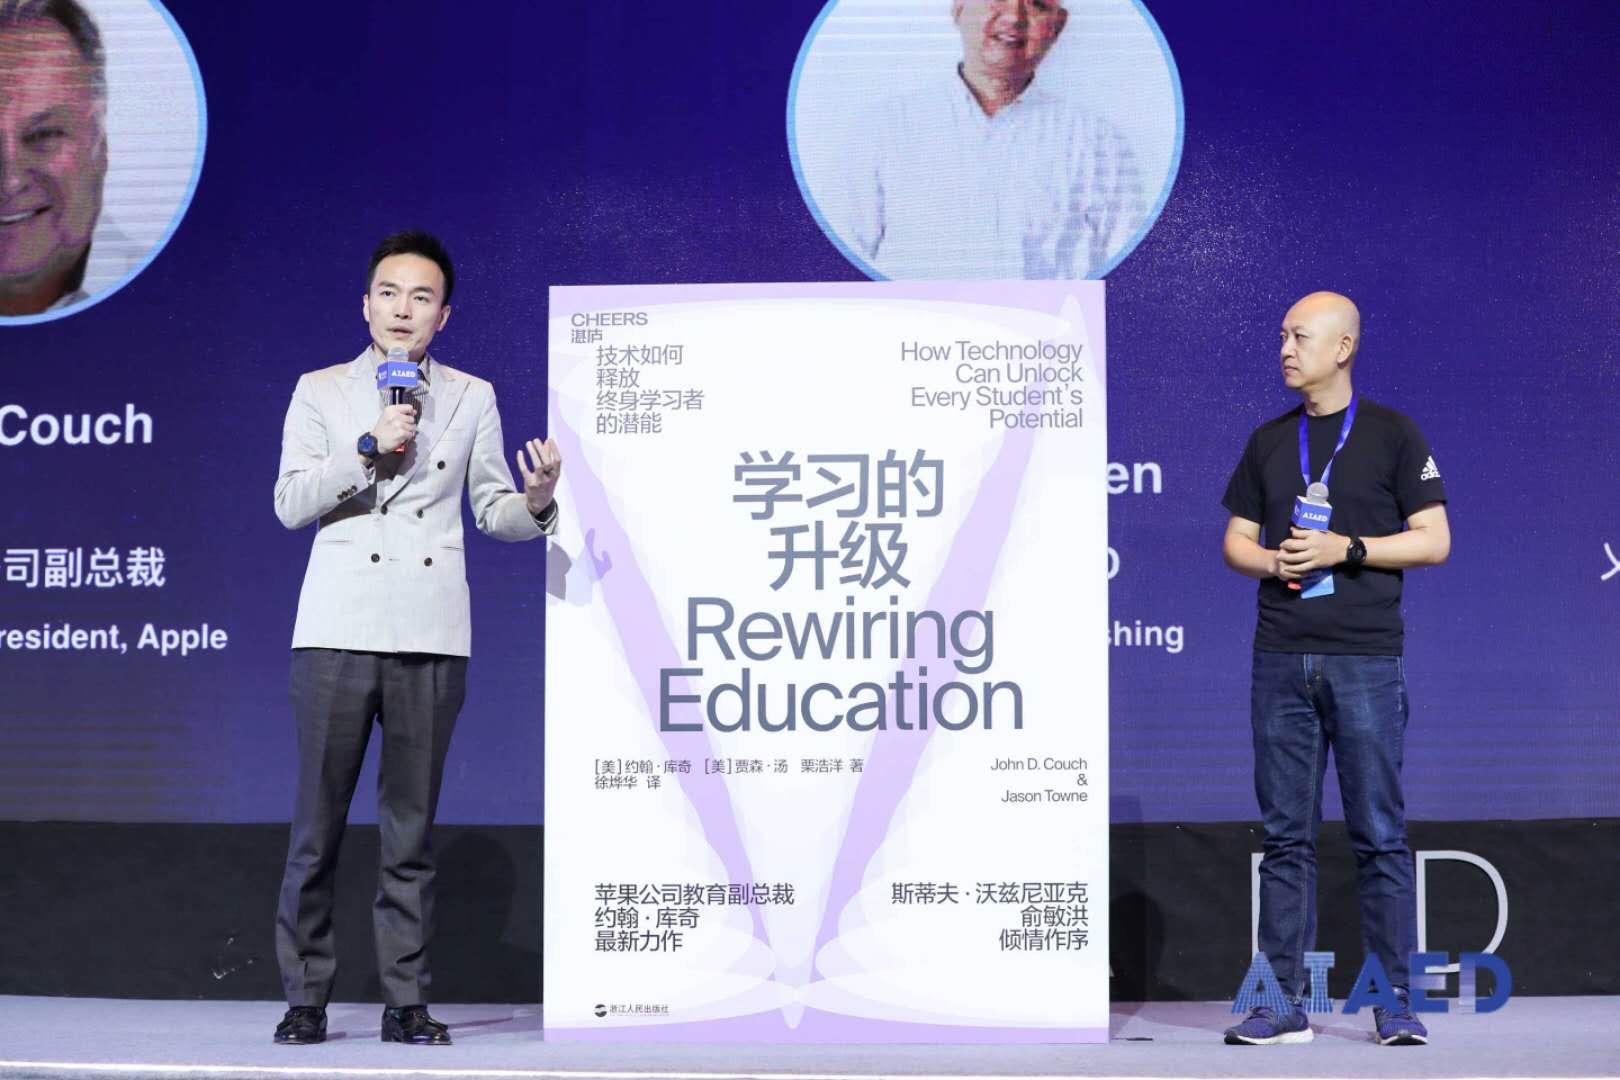 《学习的升级》新书发布,掀起了一场全新的学习革命!-黑板洞察